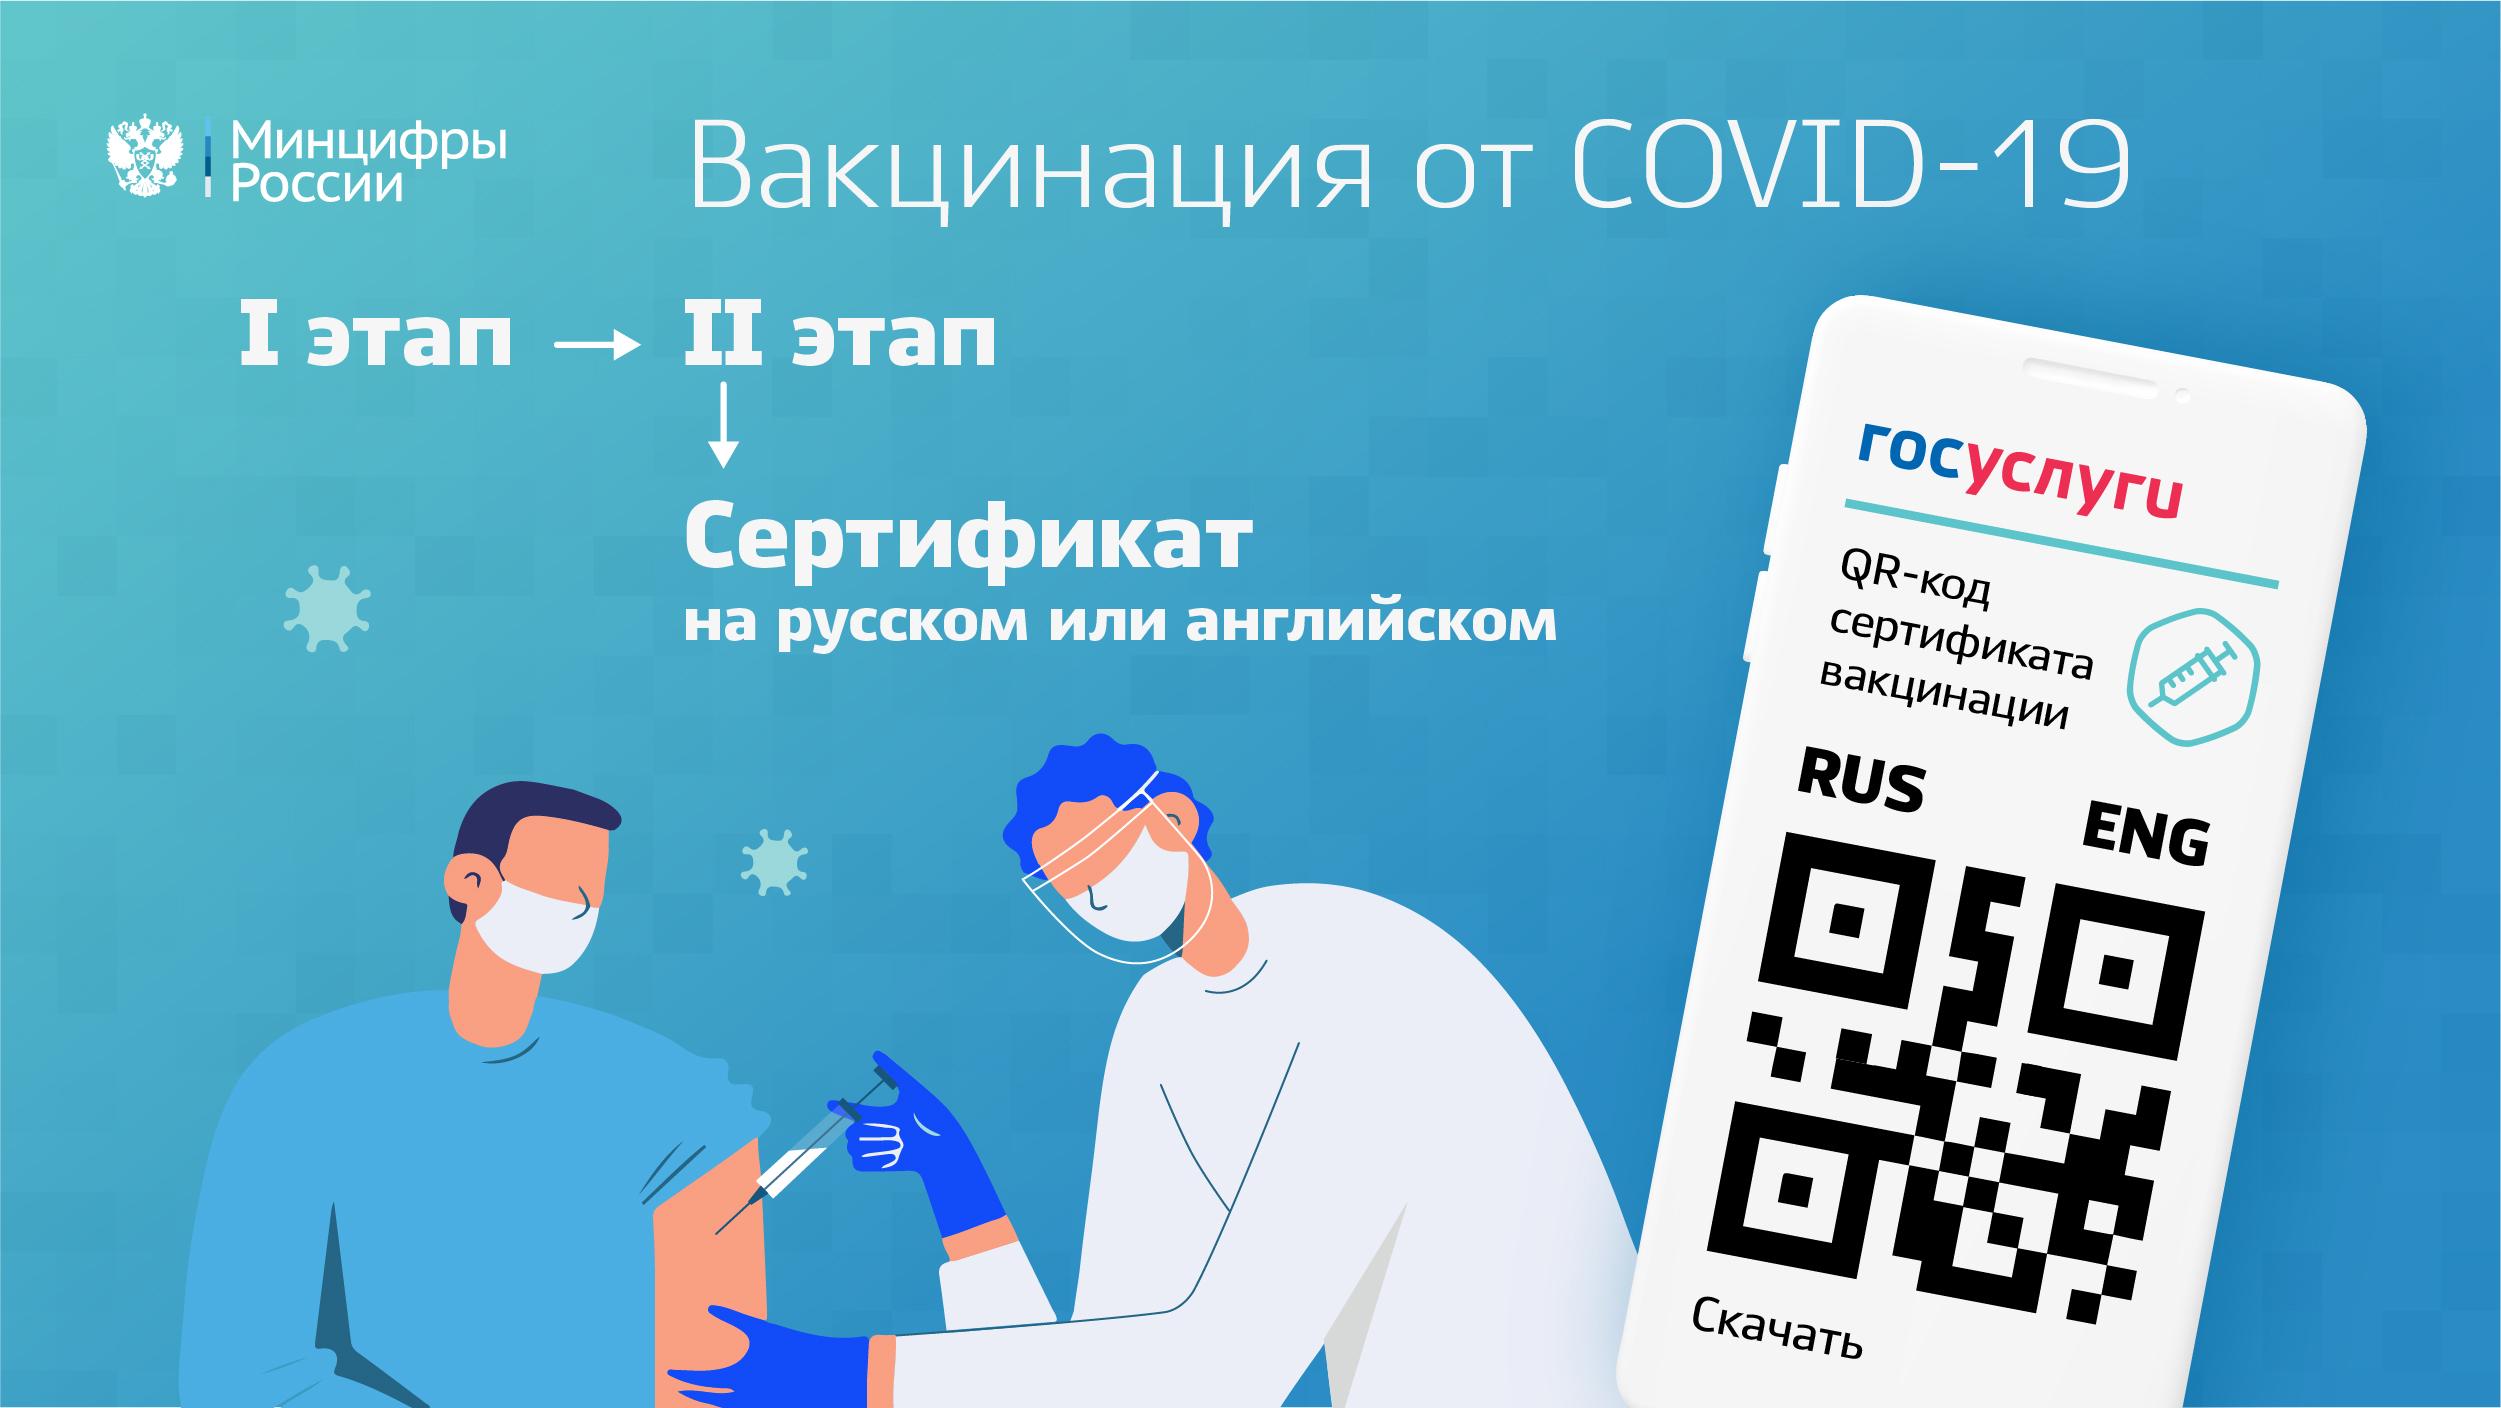 Вакцинация от Covid-19 — реклама сервиса Госуслуг